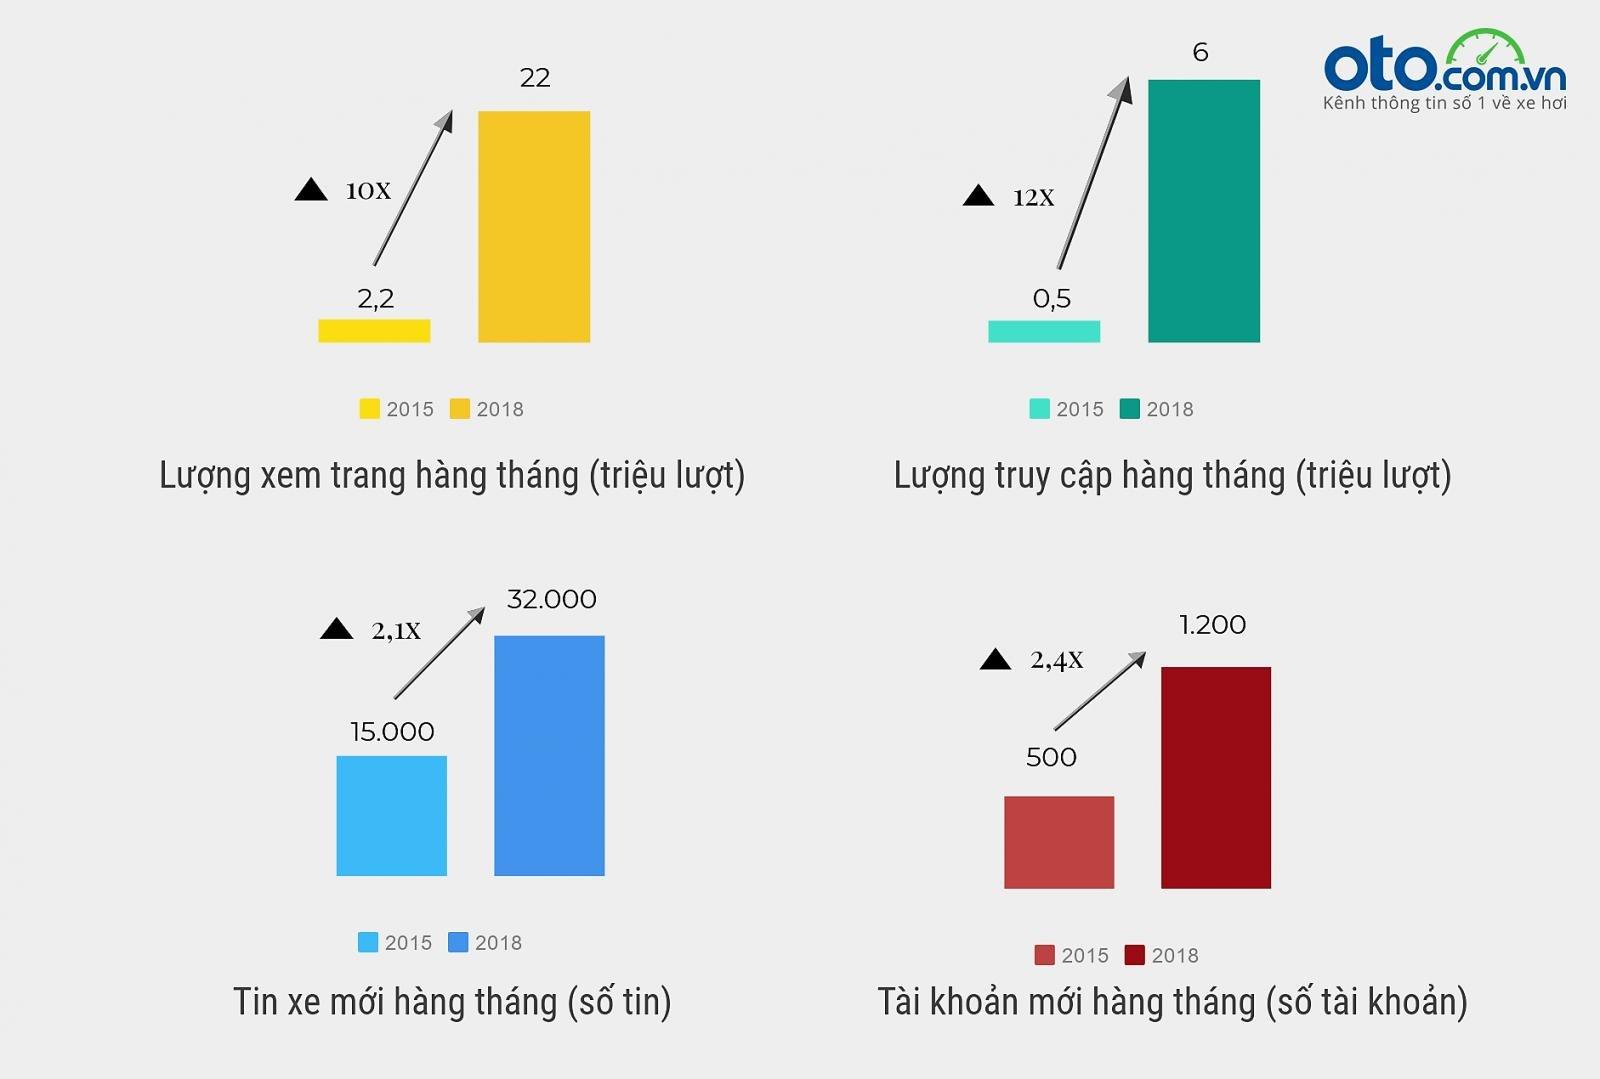 Oto.com.vn - Nơi mua bán ô tô của hàng triệu người dùng cả nước